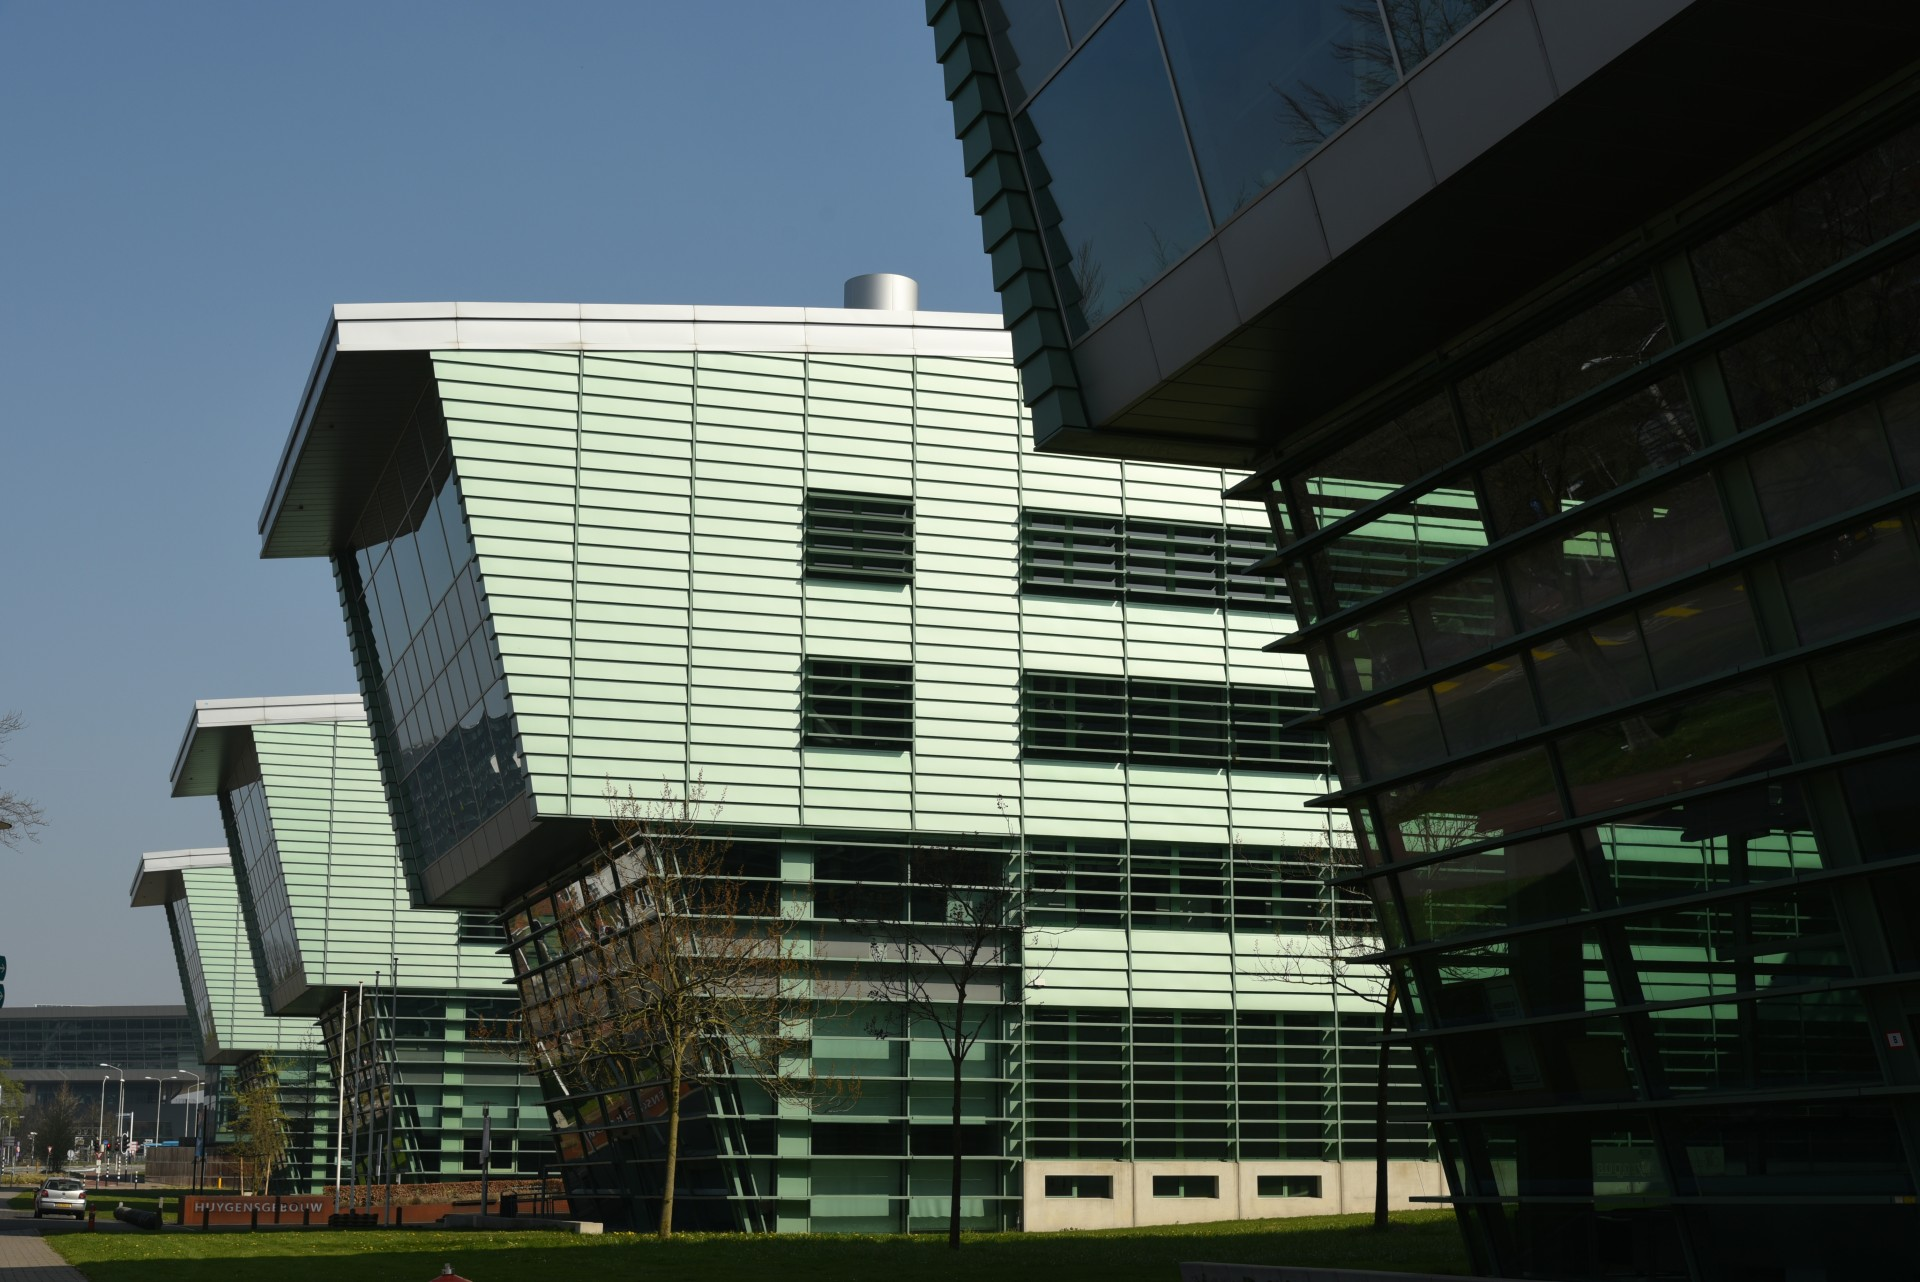 Fotograaf: Albert van der Meij 'Radboud Universiteit'